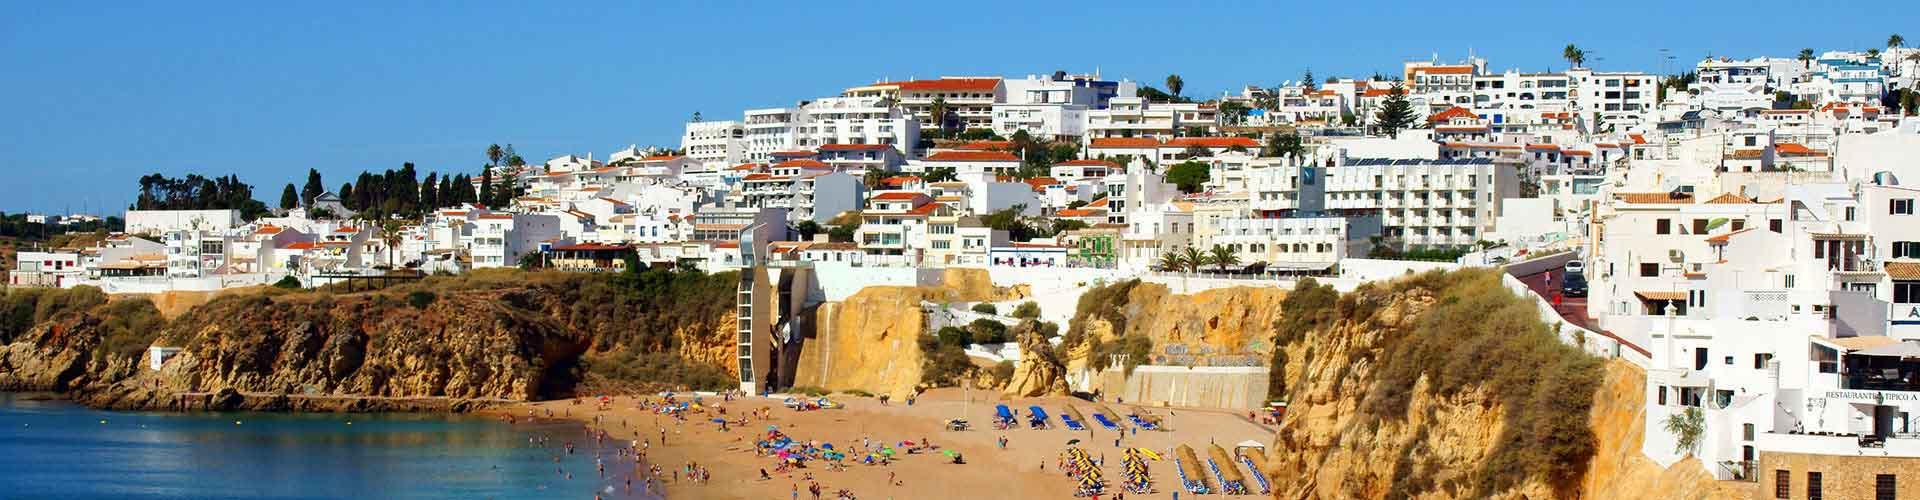 Hotels Ville De Porto Portugal